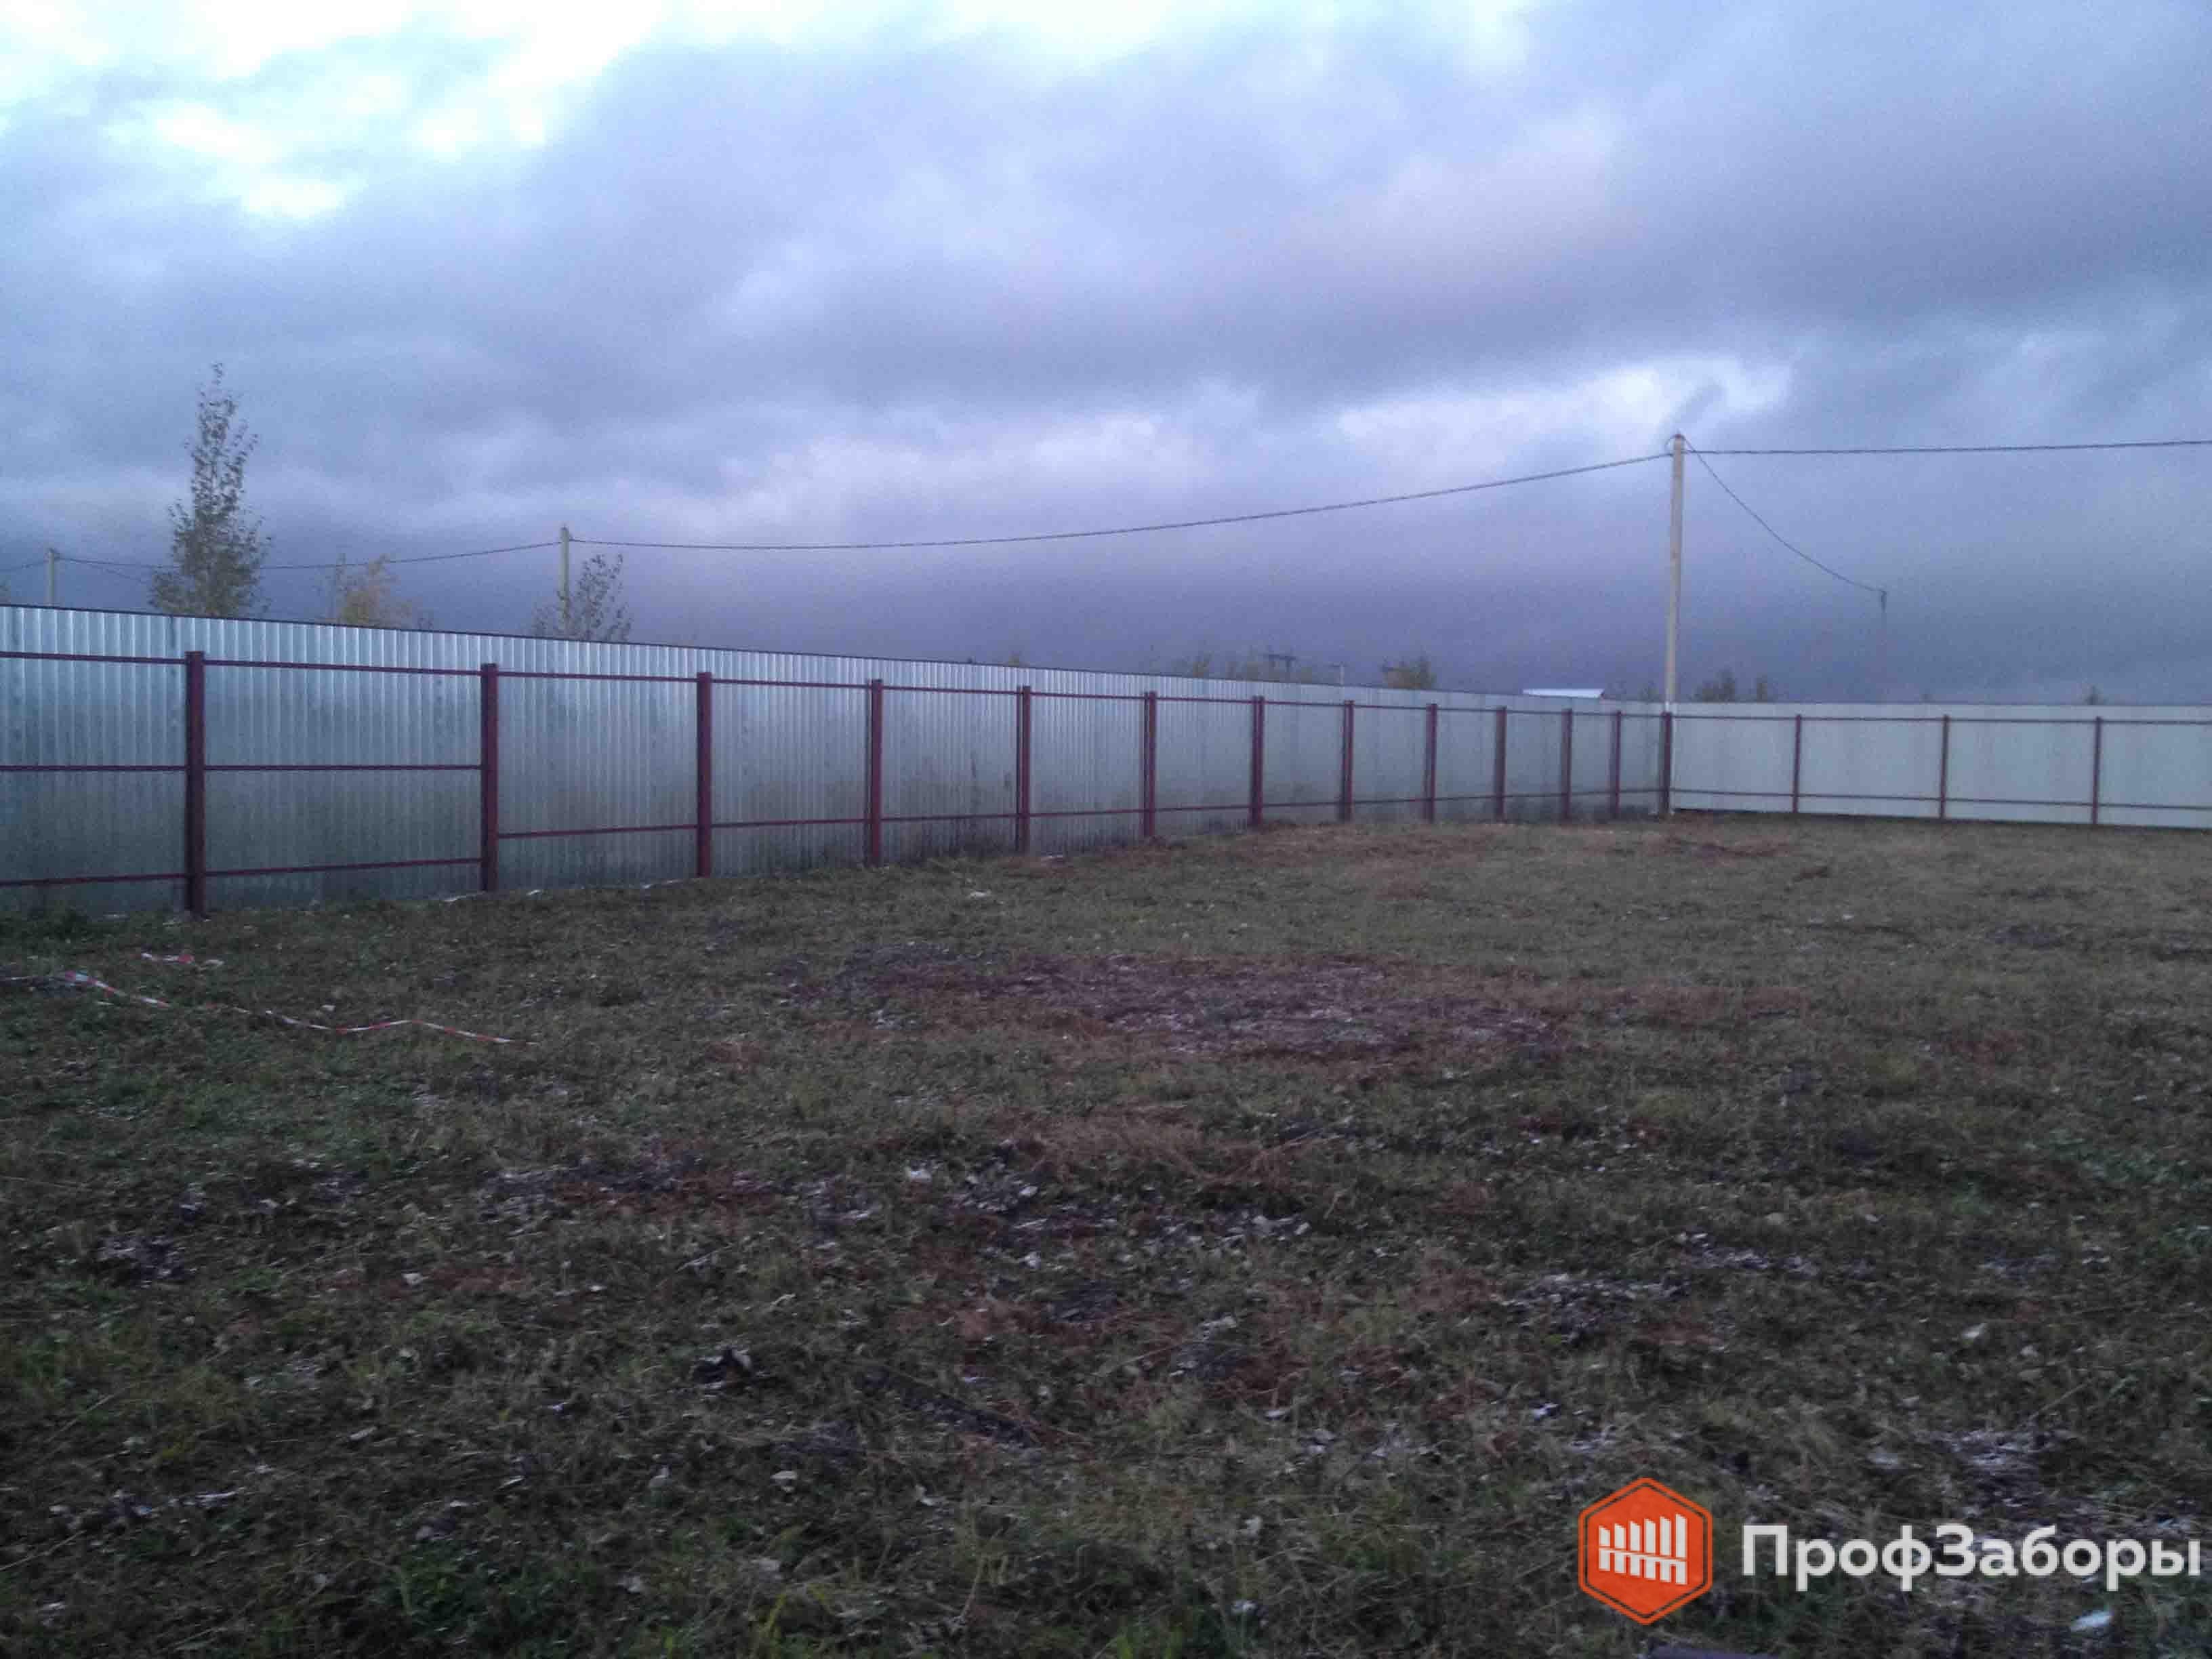 Заборы Из профнастила  - Посёлок городского типа Удельная. Фото 4